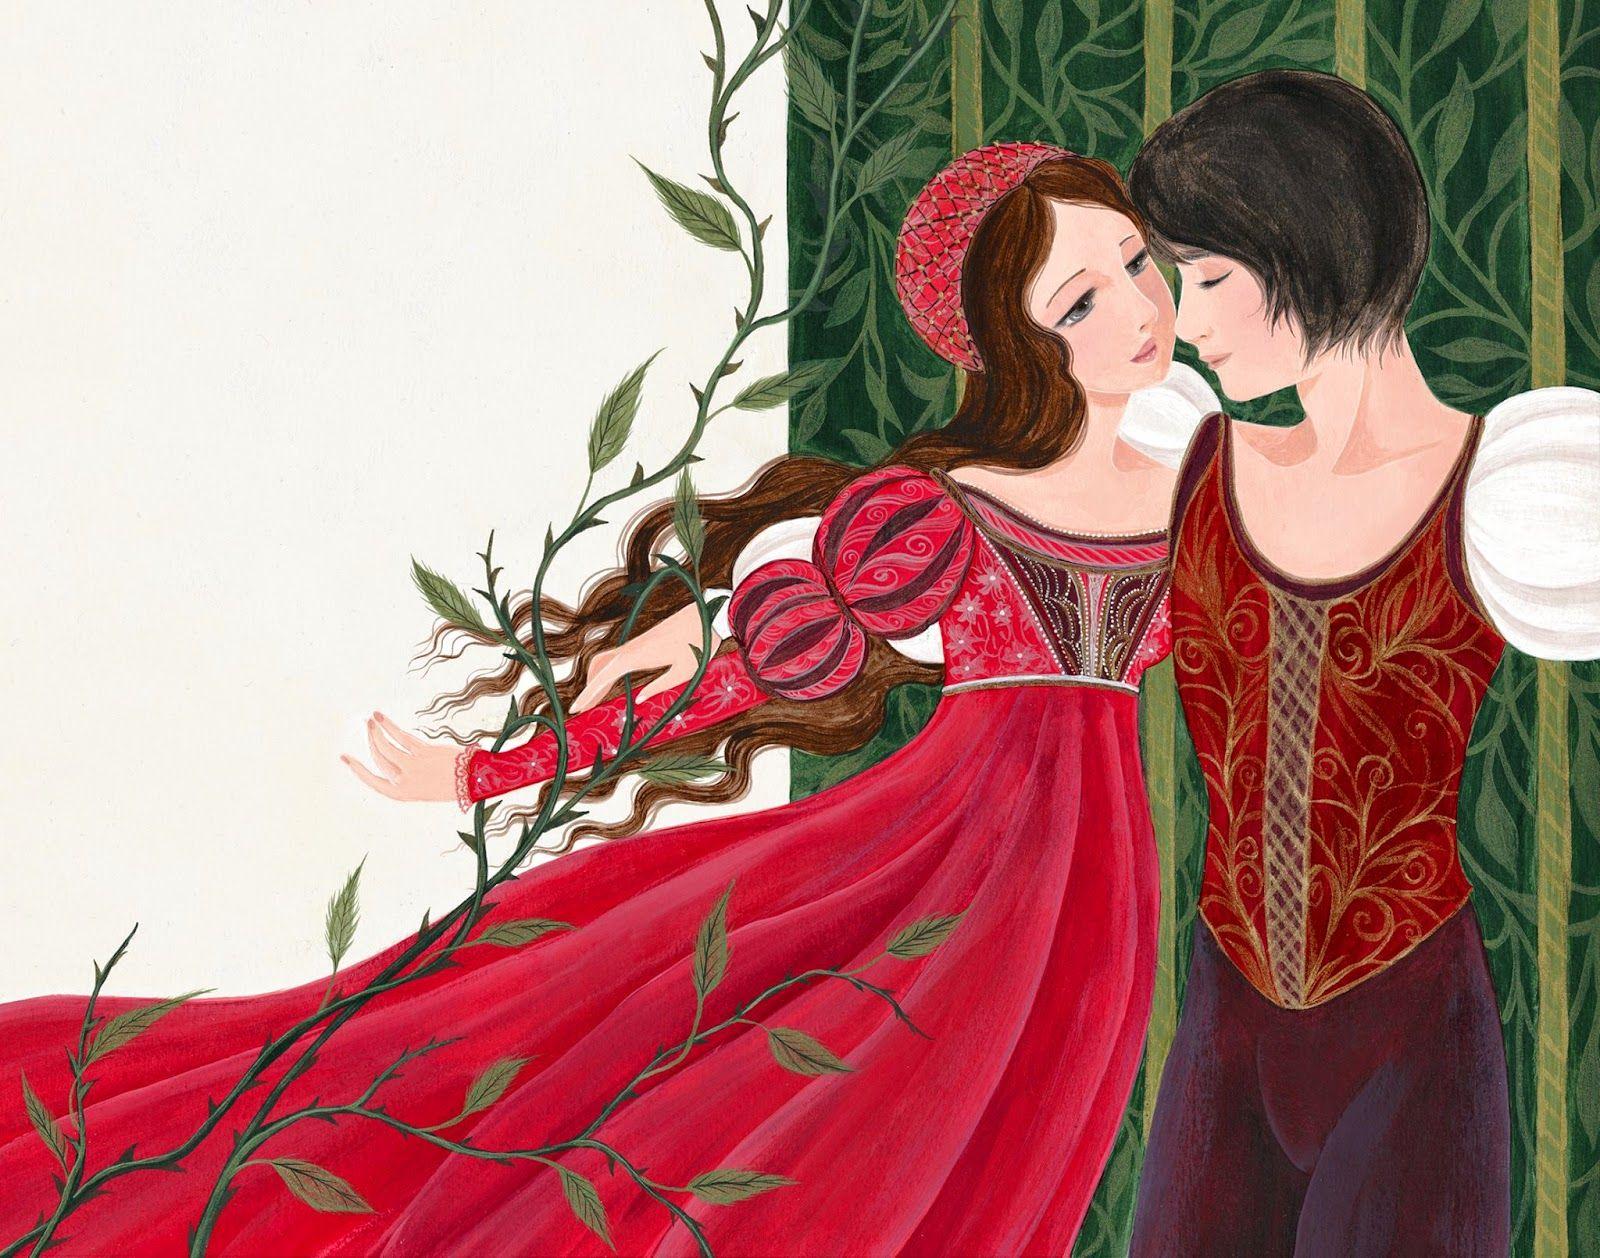 была ромео и джульетта с картинками обустроена современном